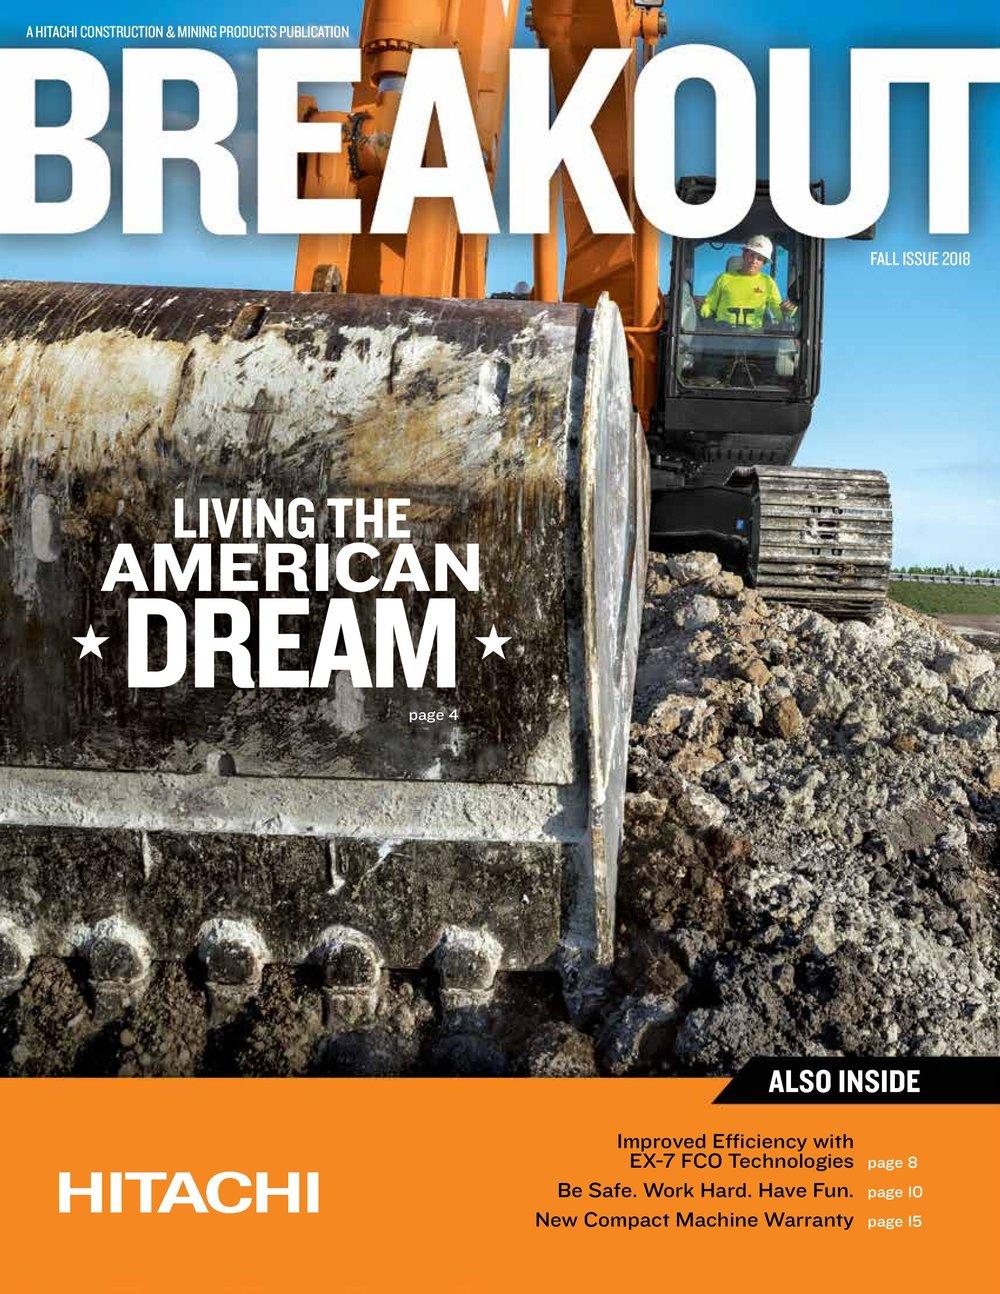 BreakoutMag-pg1.jpg